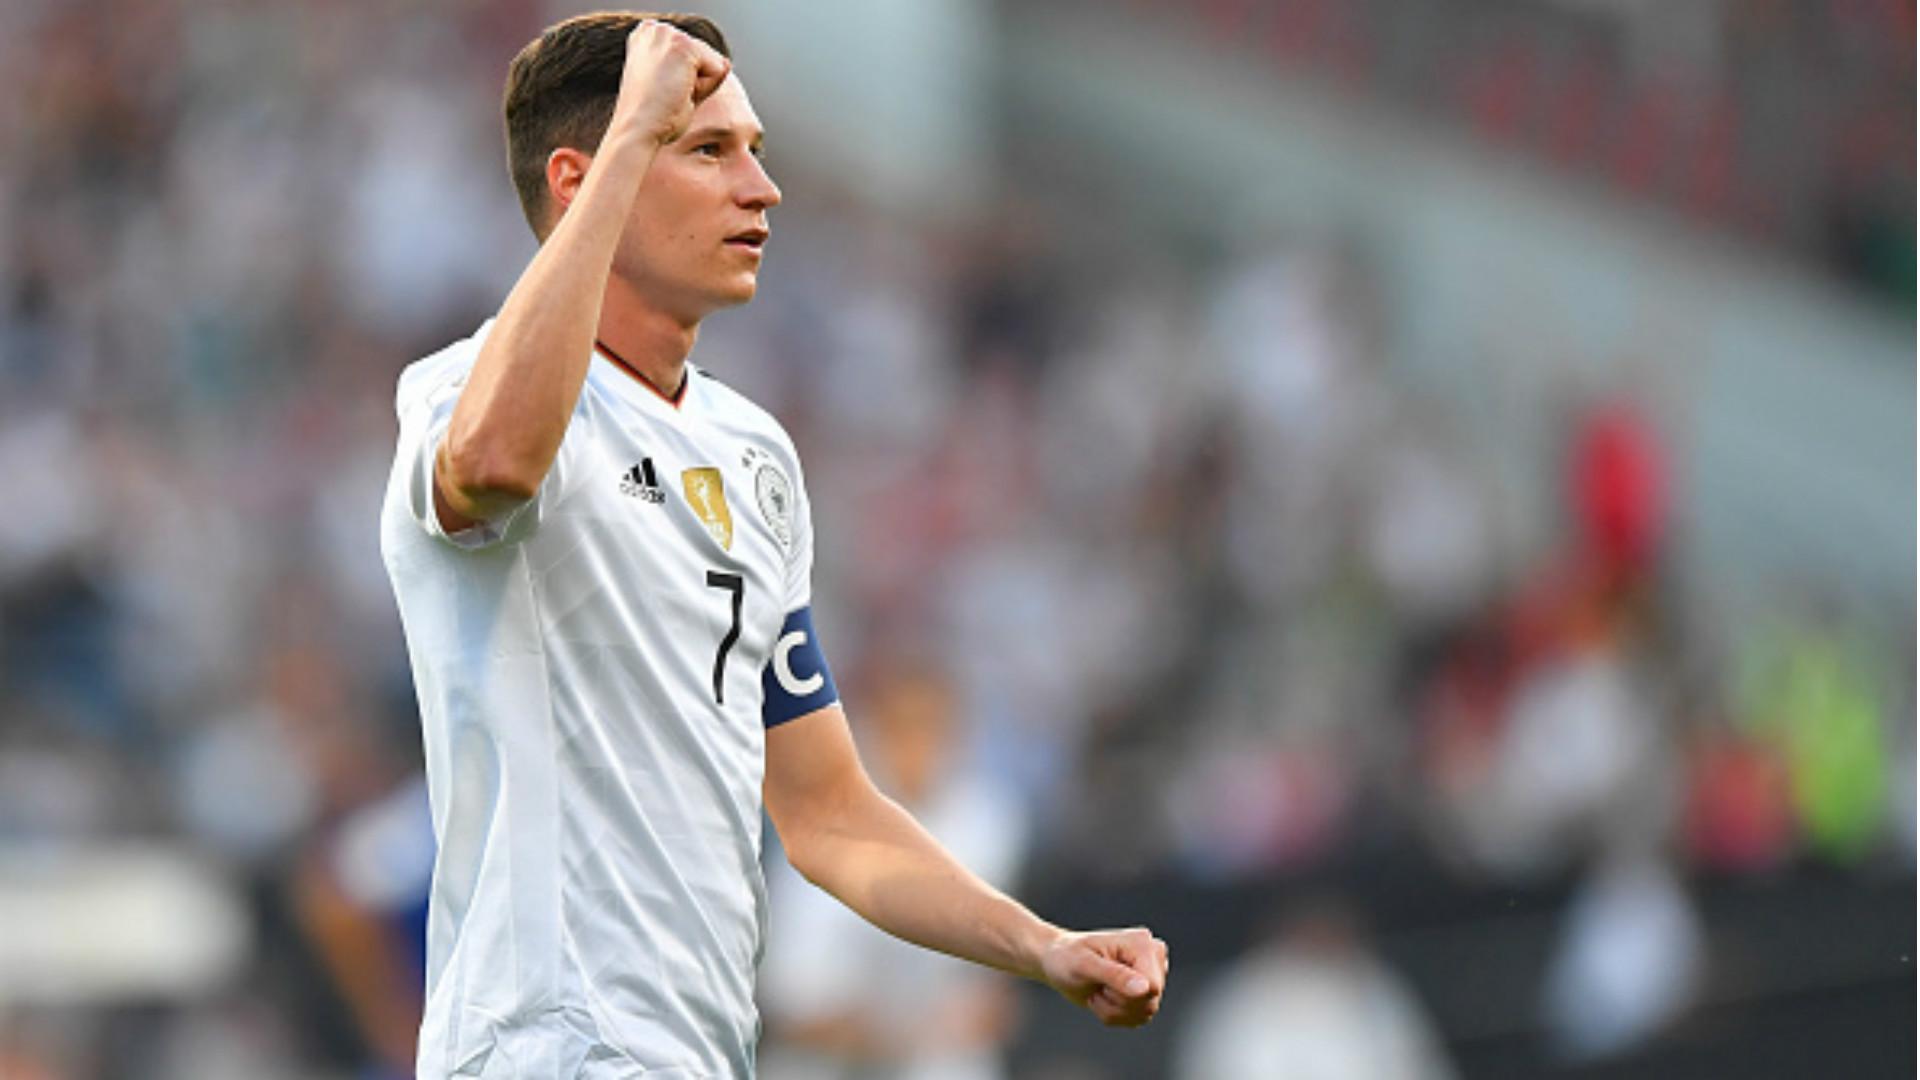 Rusia vence 2-0 a Nueva Zelanda en la Copa Confederaciones